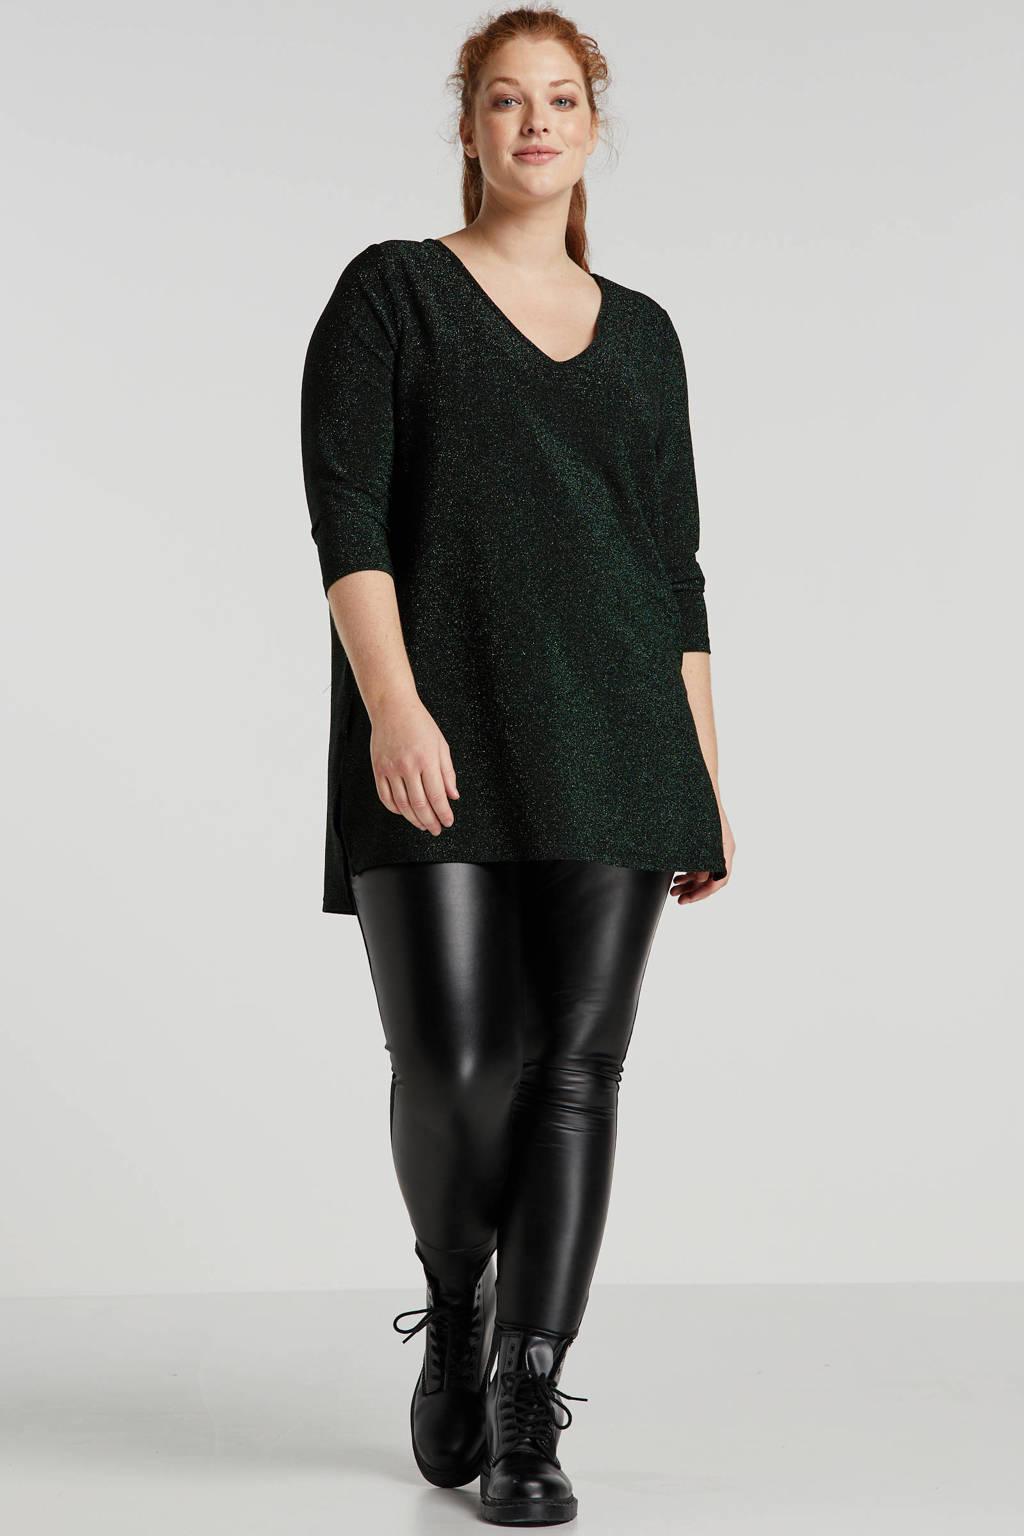 JUNAROSE glittertop zwart/groen, Zwart/groen